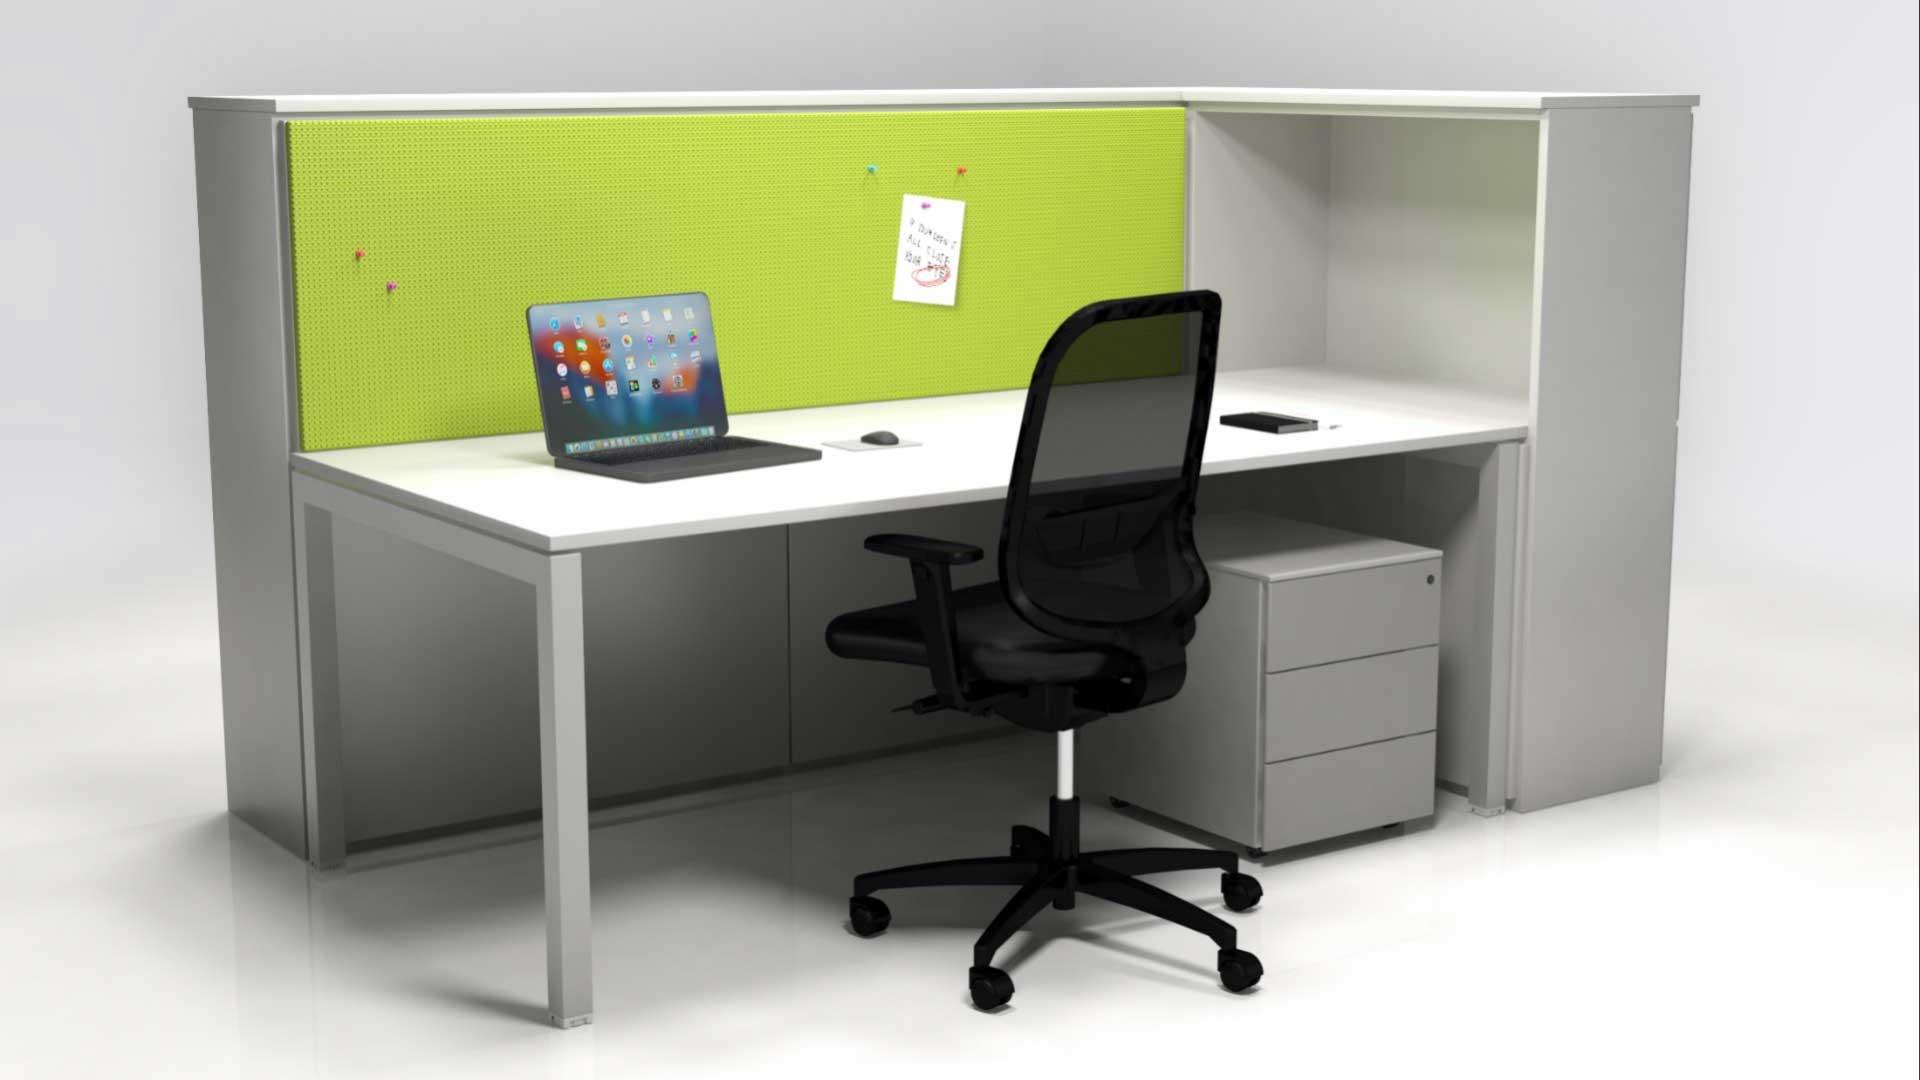 Ufficio Open Space Arredamento : Arredamento per ufficio arredamento open space